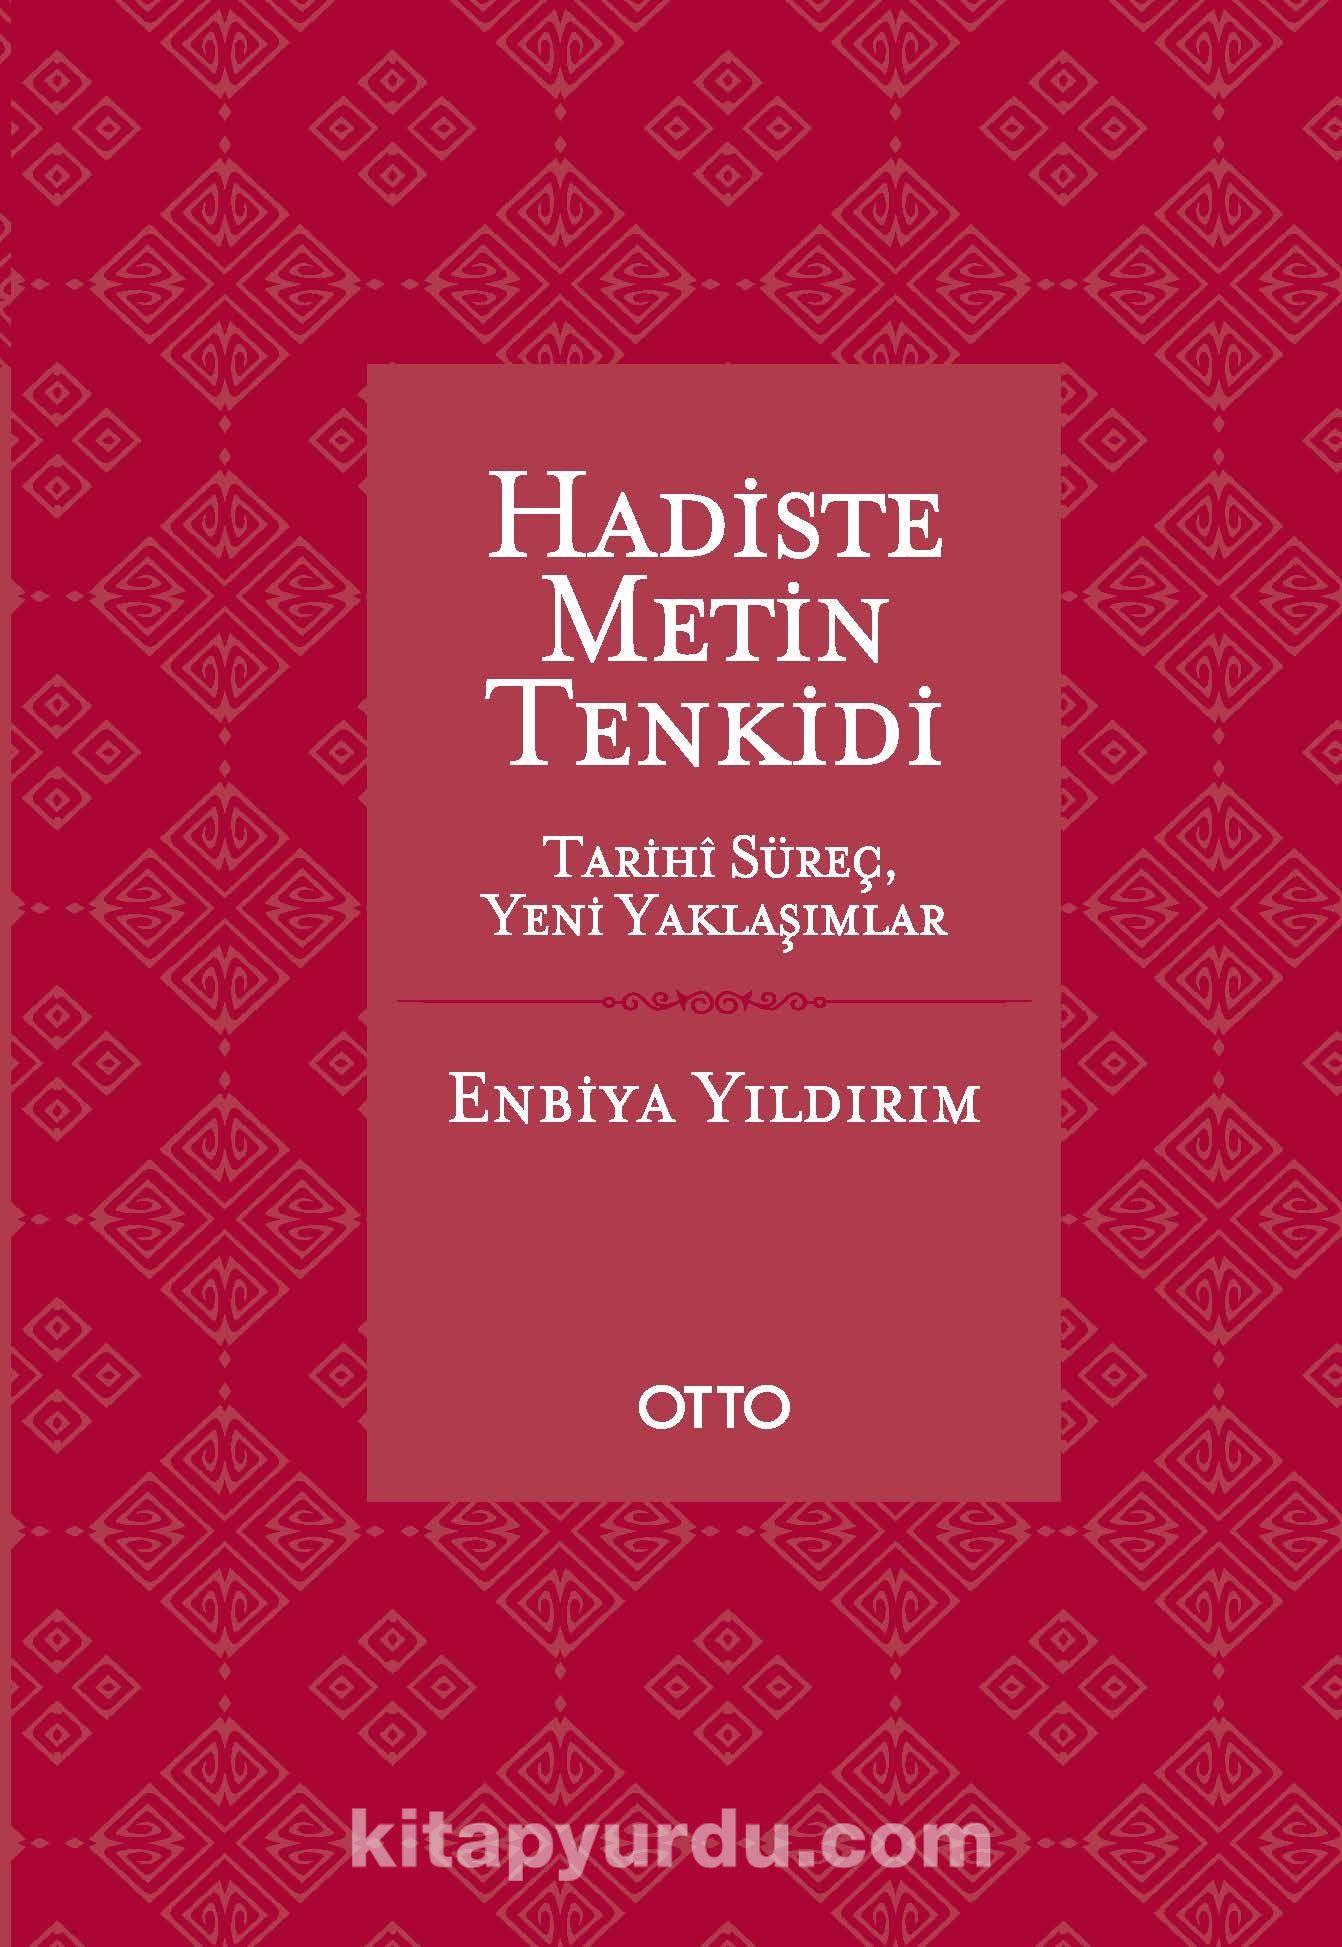 Hadiste Metin Tenkidi & Tarihi Süreç, Yeni Yaklaşımlar